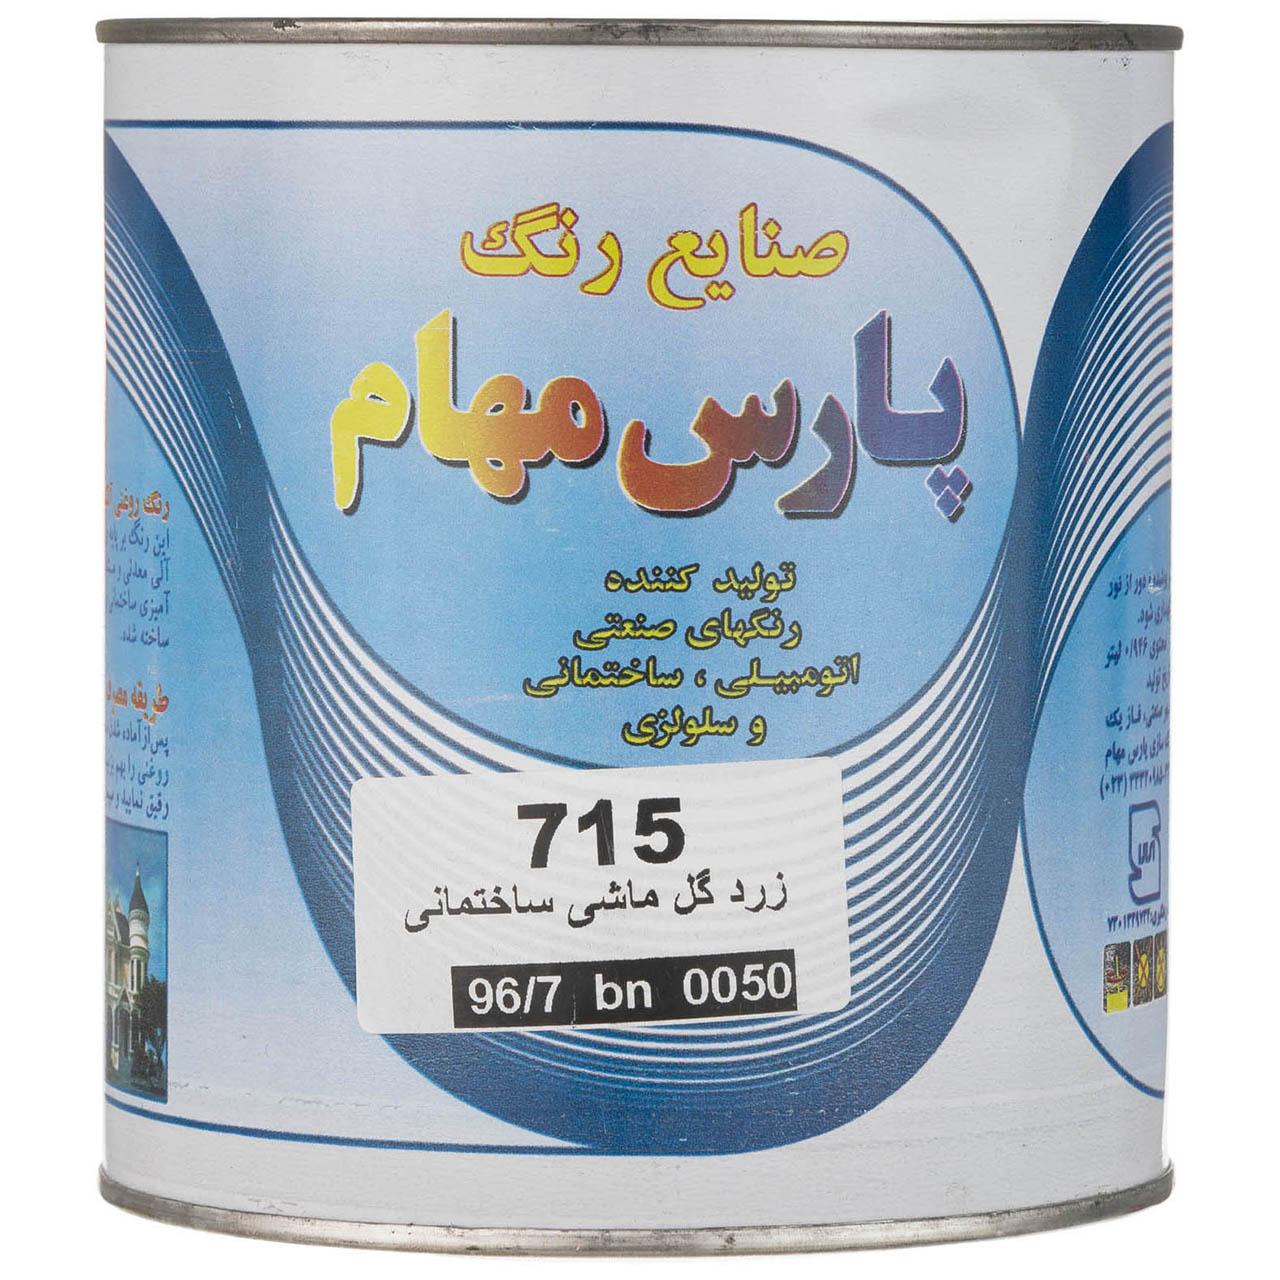 قیمت قوطی رنگ زرد گل ماشی پارس مهام کد 715 حجم 946 میلی لیتر